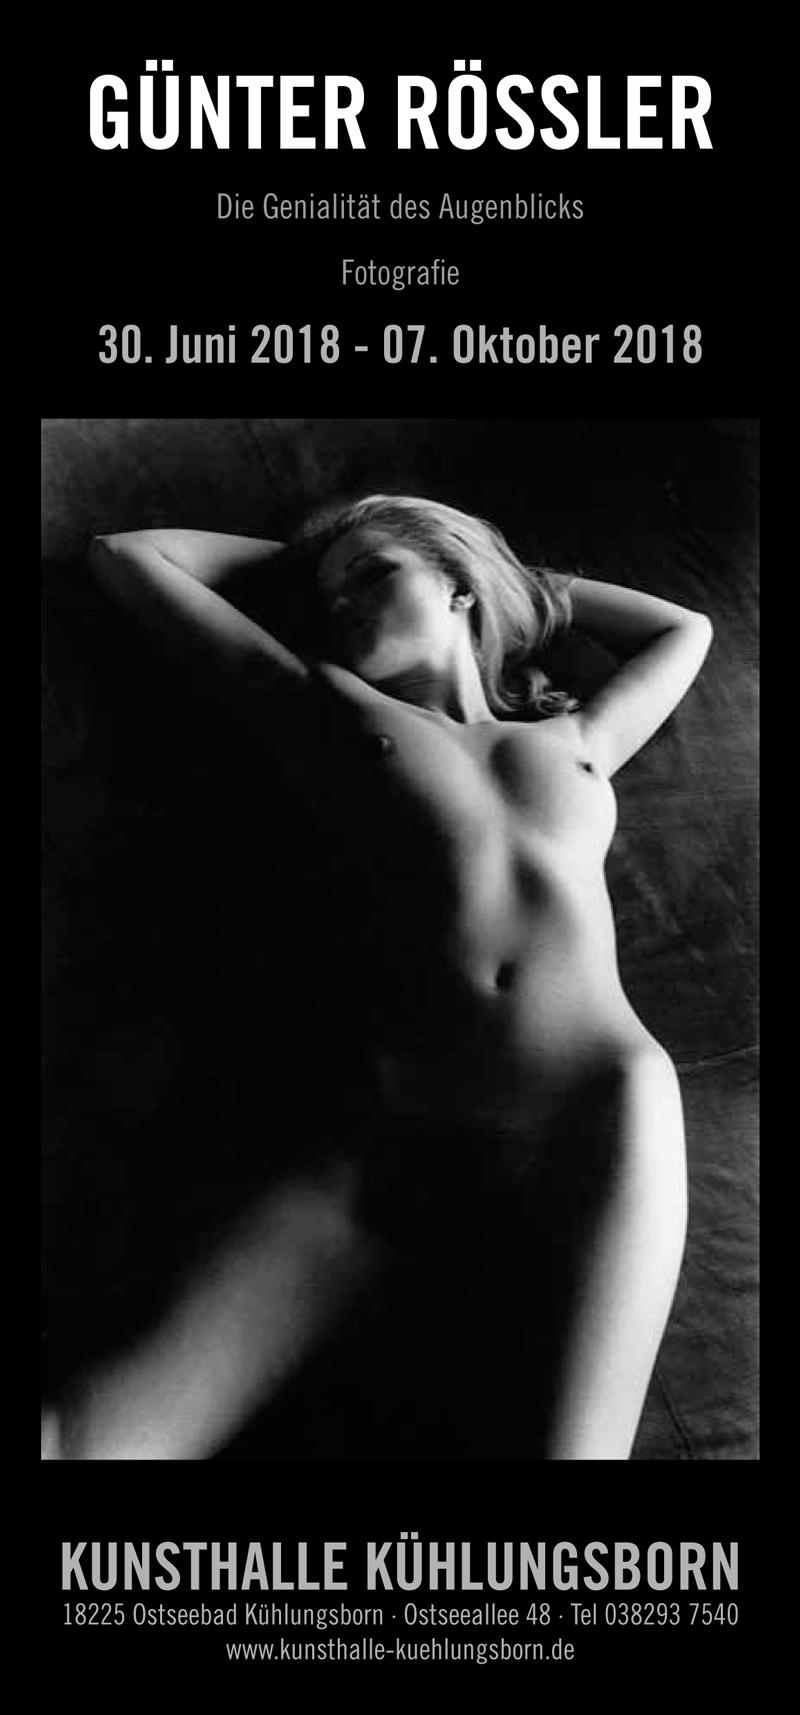 Meisterfototgrafie